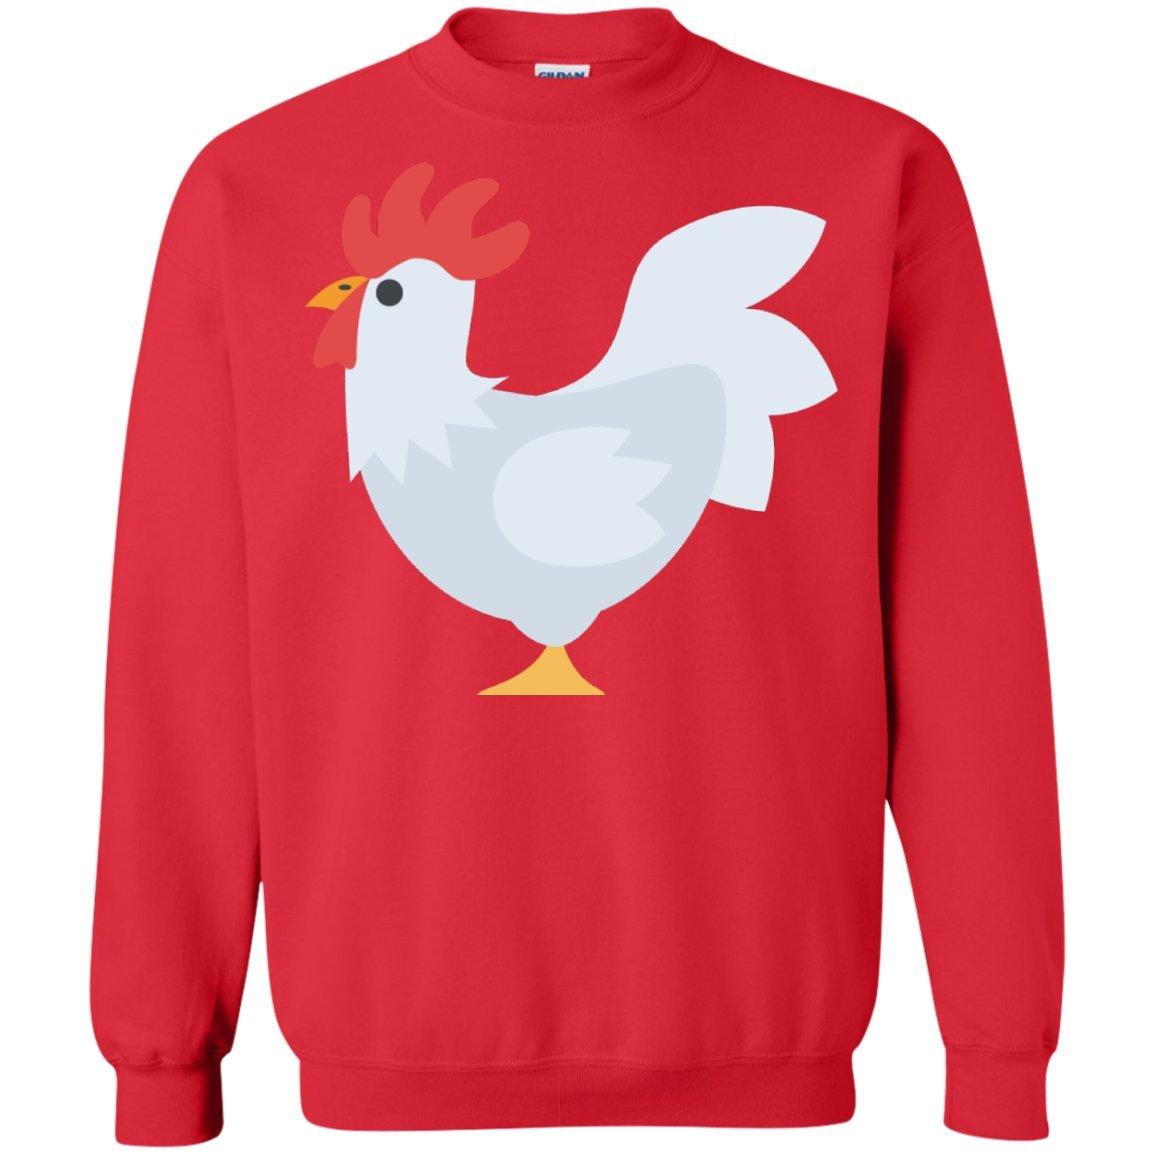 ThatMerch Store Chicken Emoji Sweatshirt at Amazon Men's